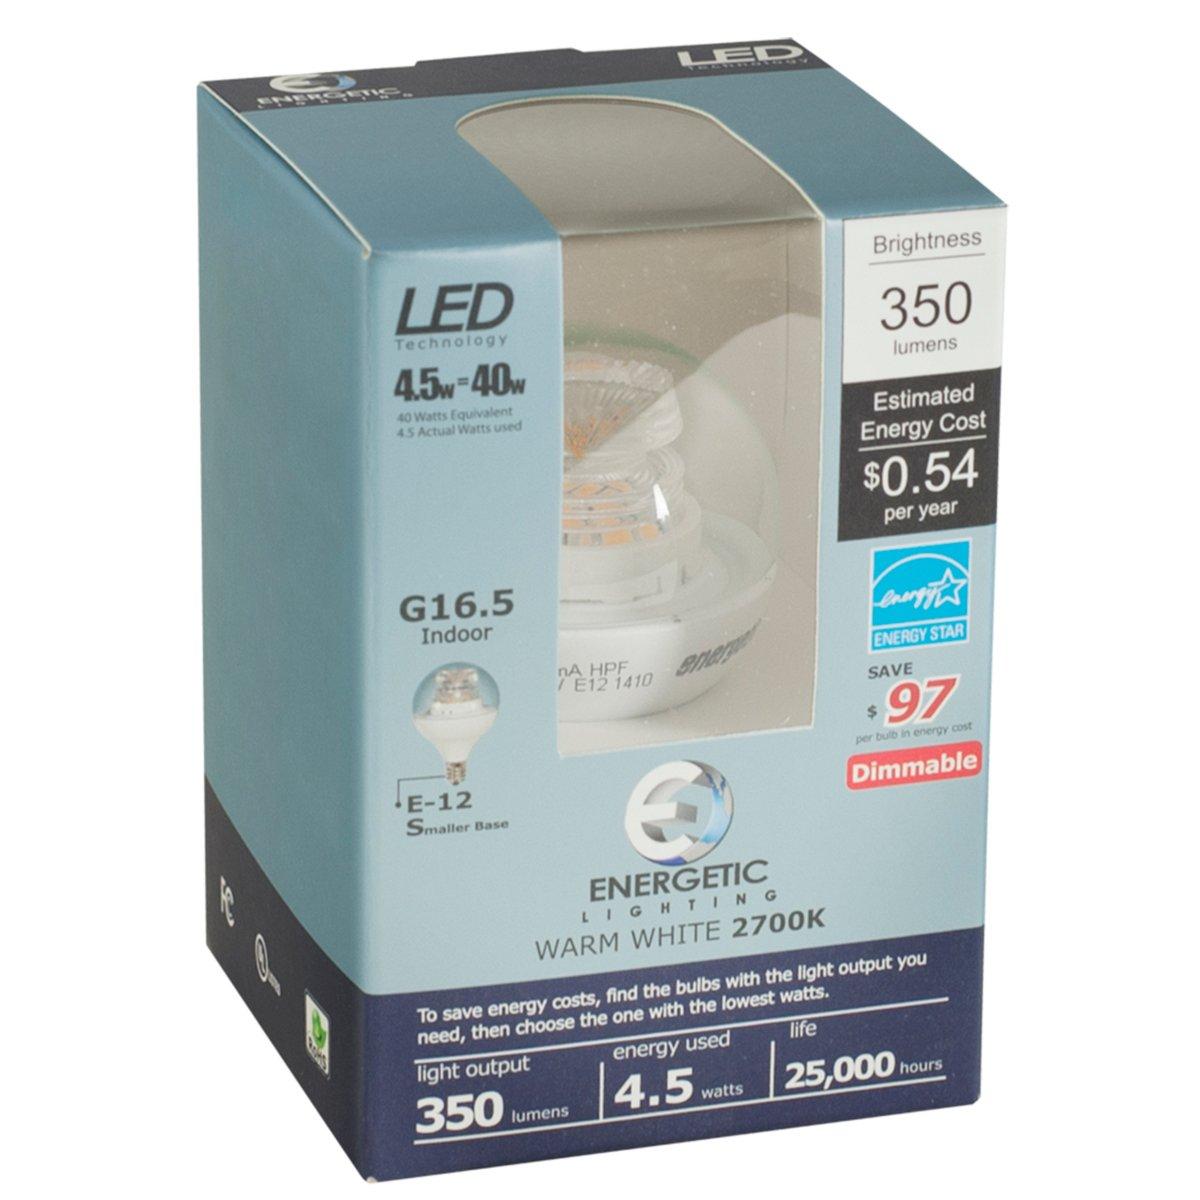 g16.5 LED電球4.5 W e12ベース調光( 40 W Equiv ) 350ルーメンbyエネルギッシュ照明 B01N0NXXJS